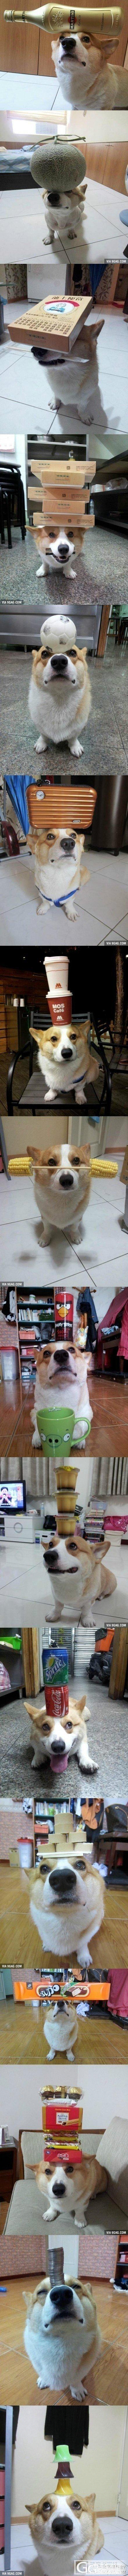 看到一个搞笑的狗狗,什么都可以顶,发上来大家乐一乐_贴图